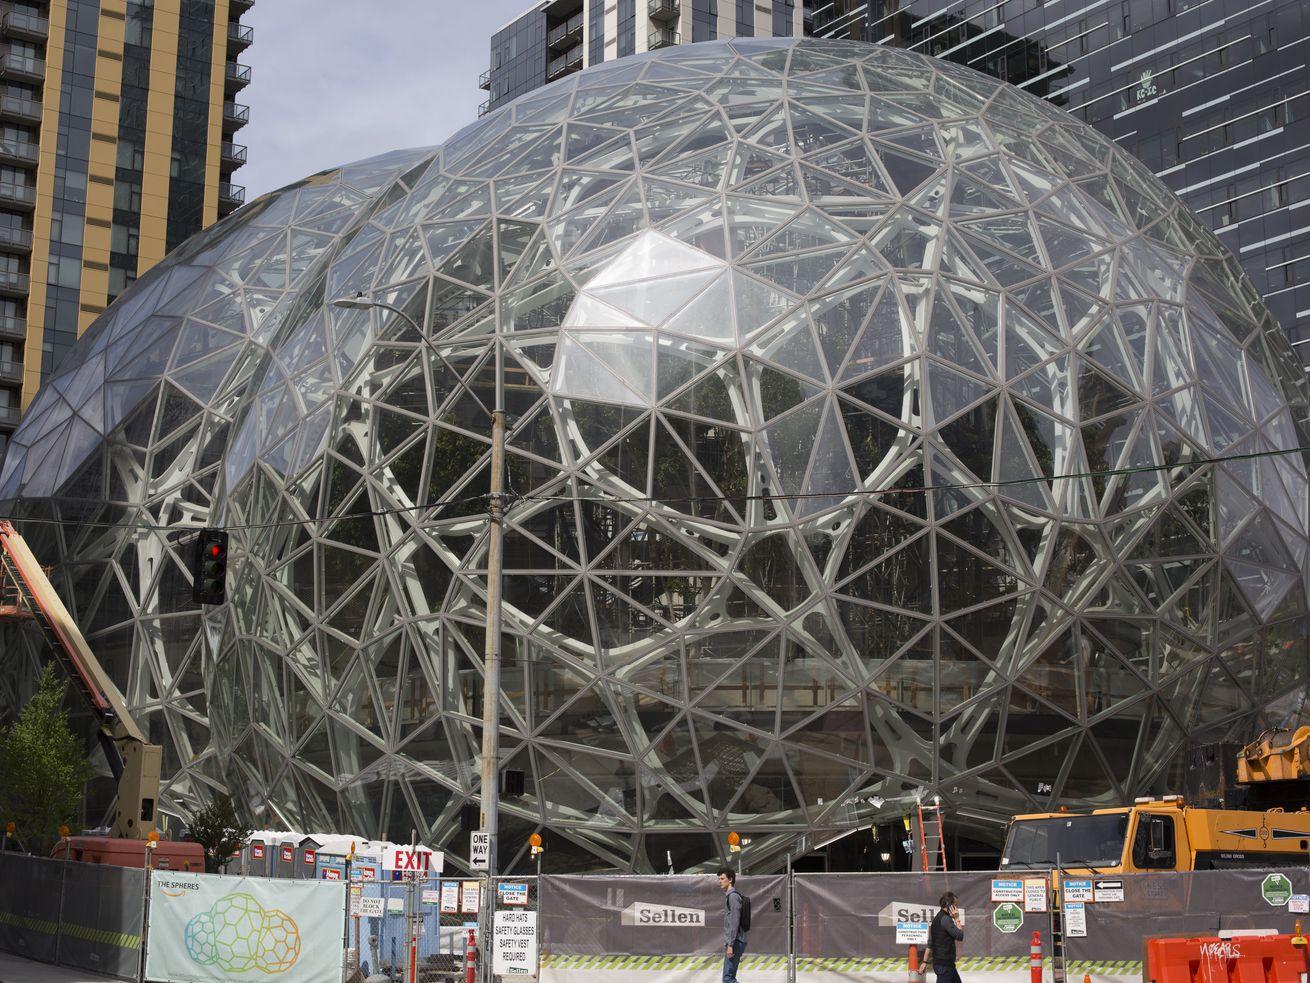 签名玻璃球体亚马逊的城市校园在建在西雅图,亚马逊的原始公司总部